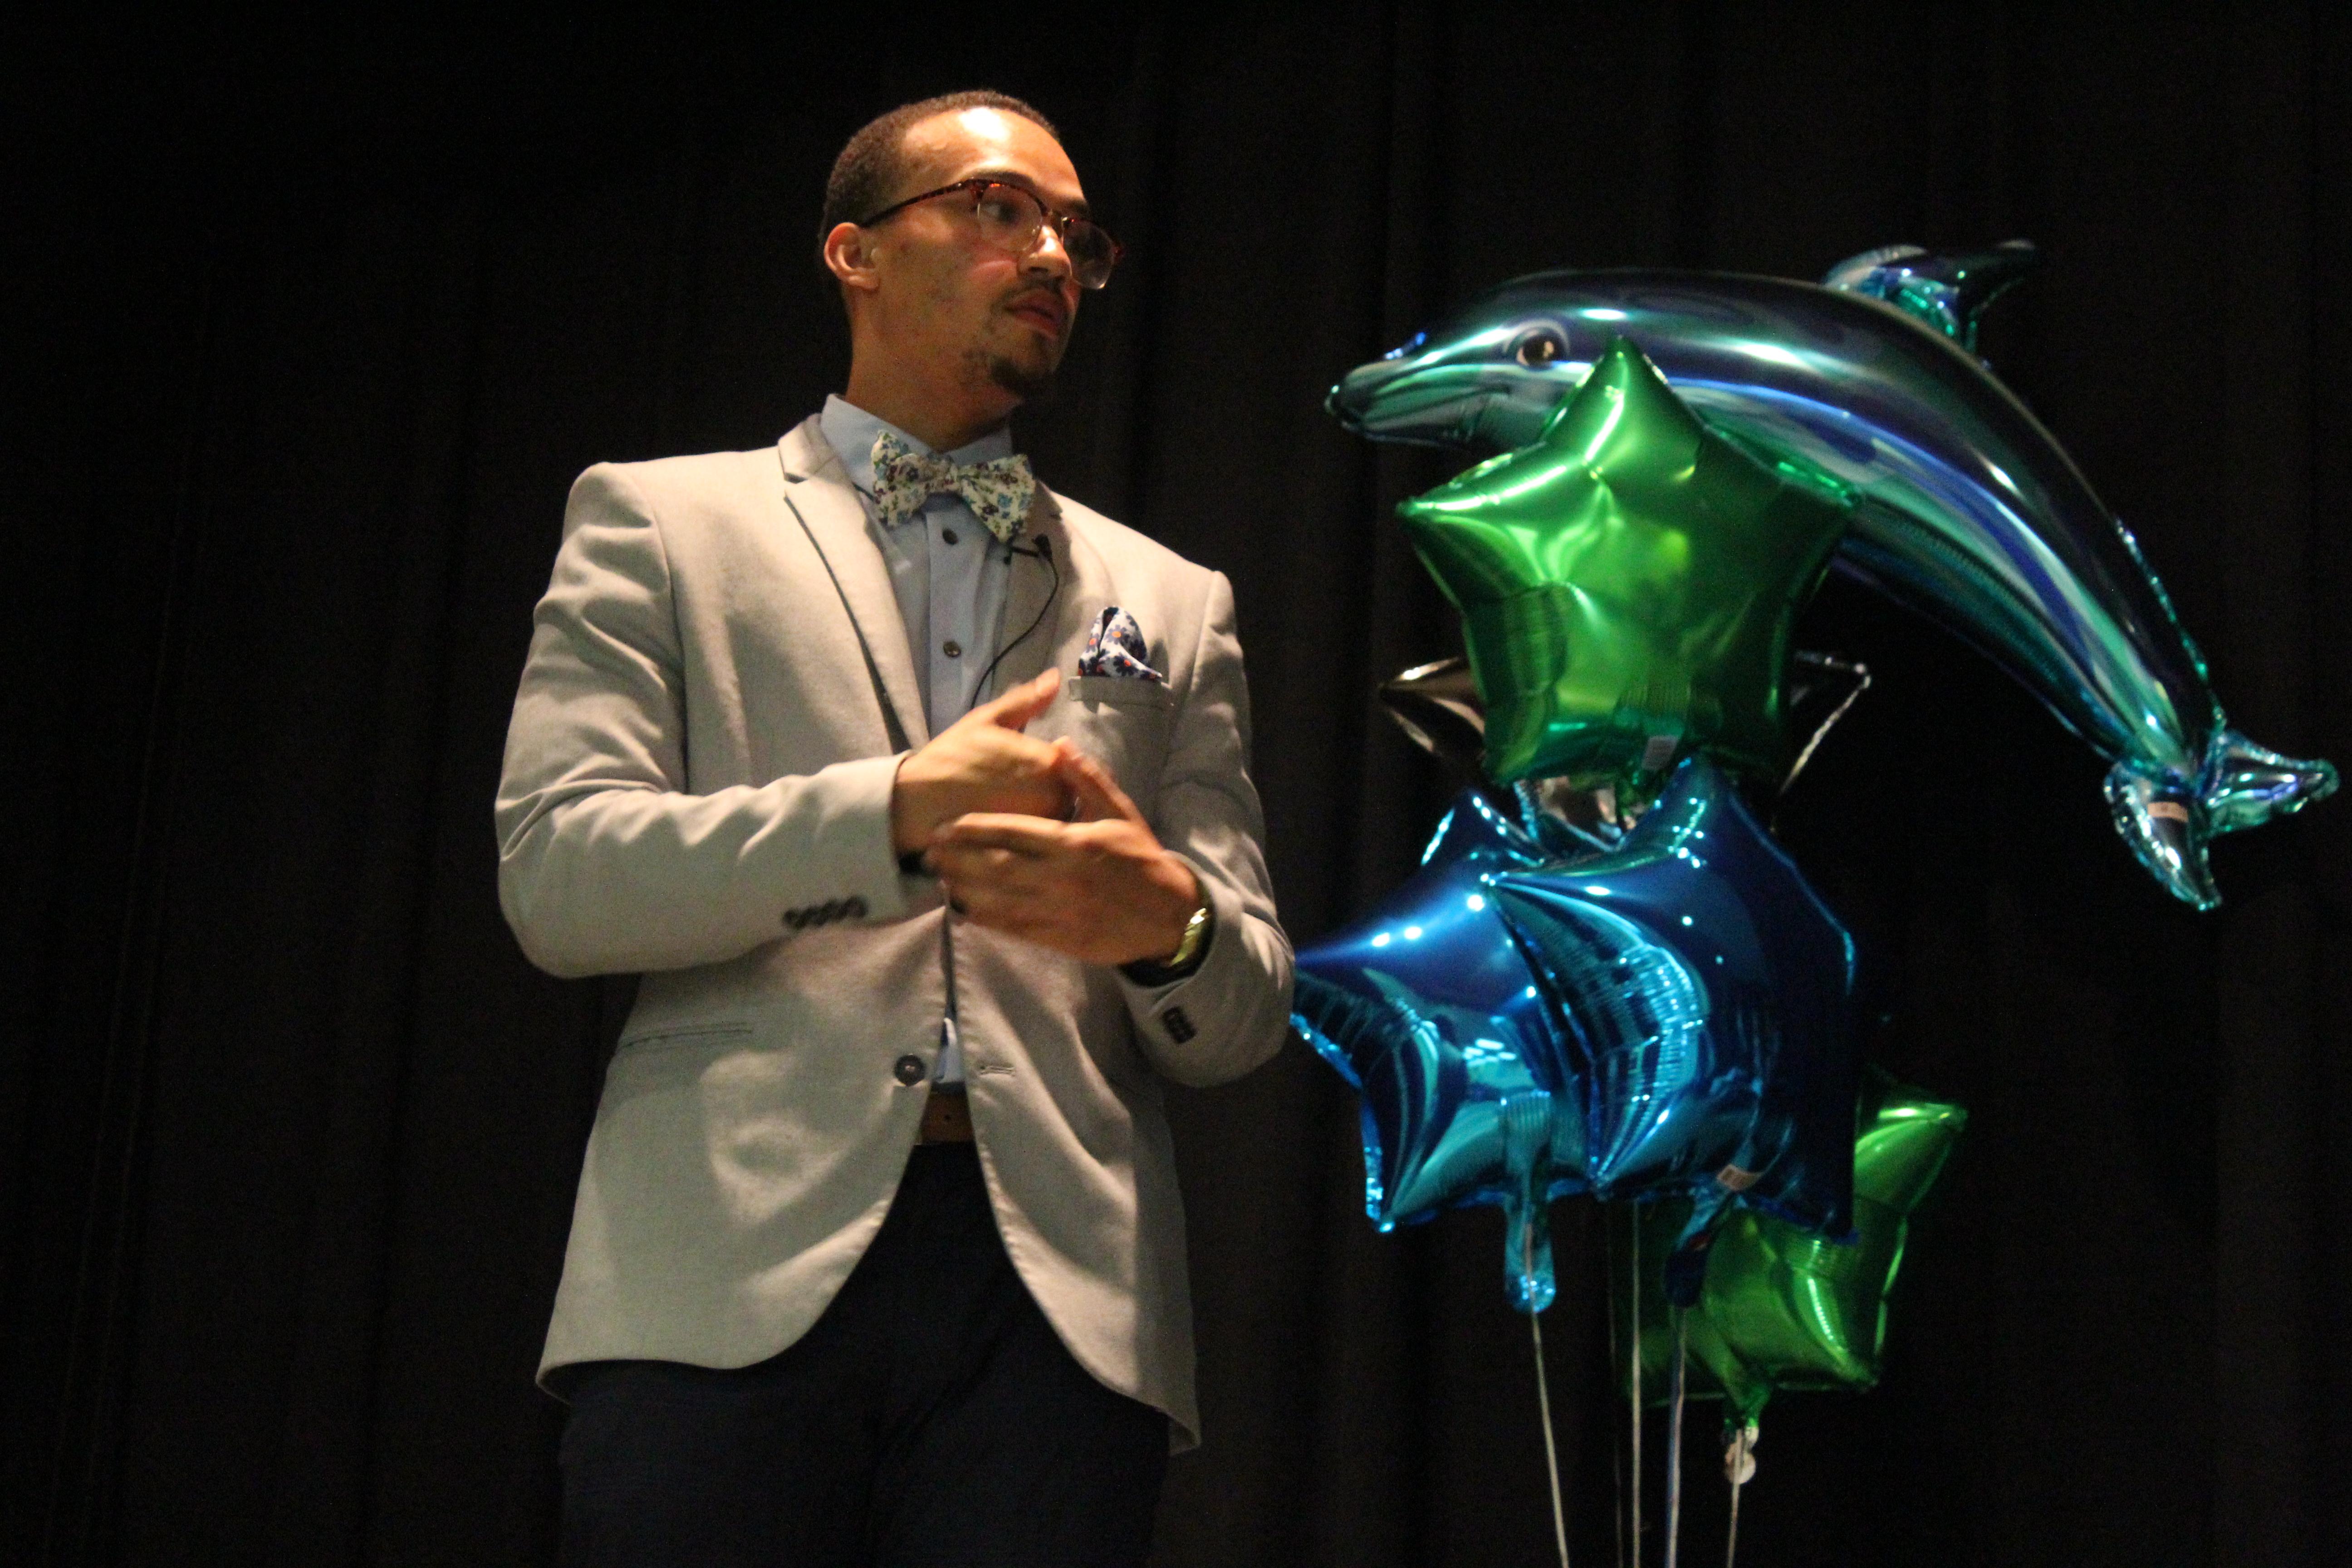 DeRonte Craig Presents at Dolphin Tank